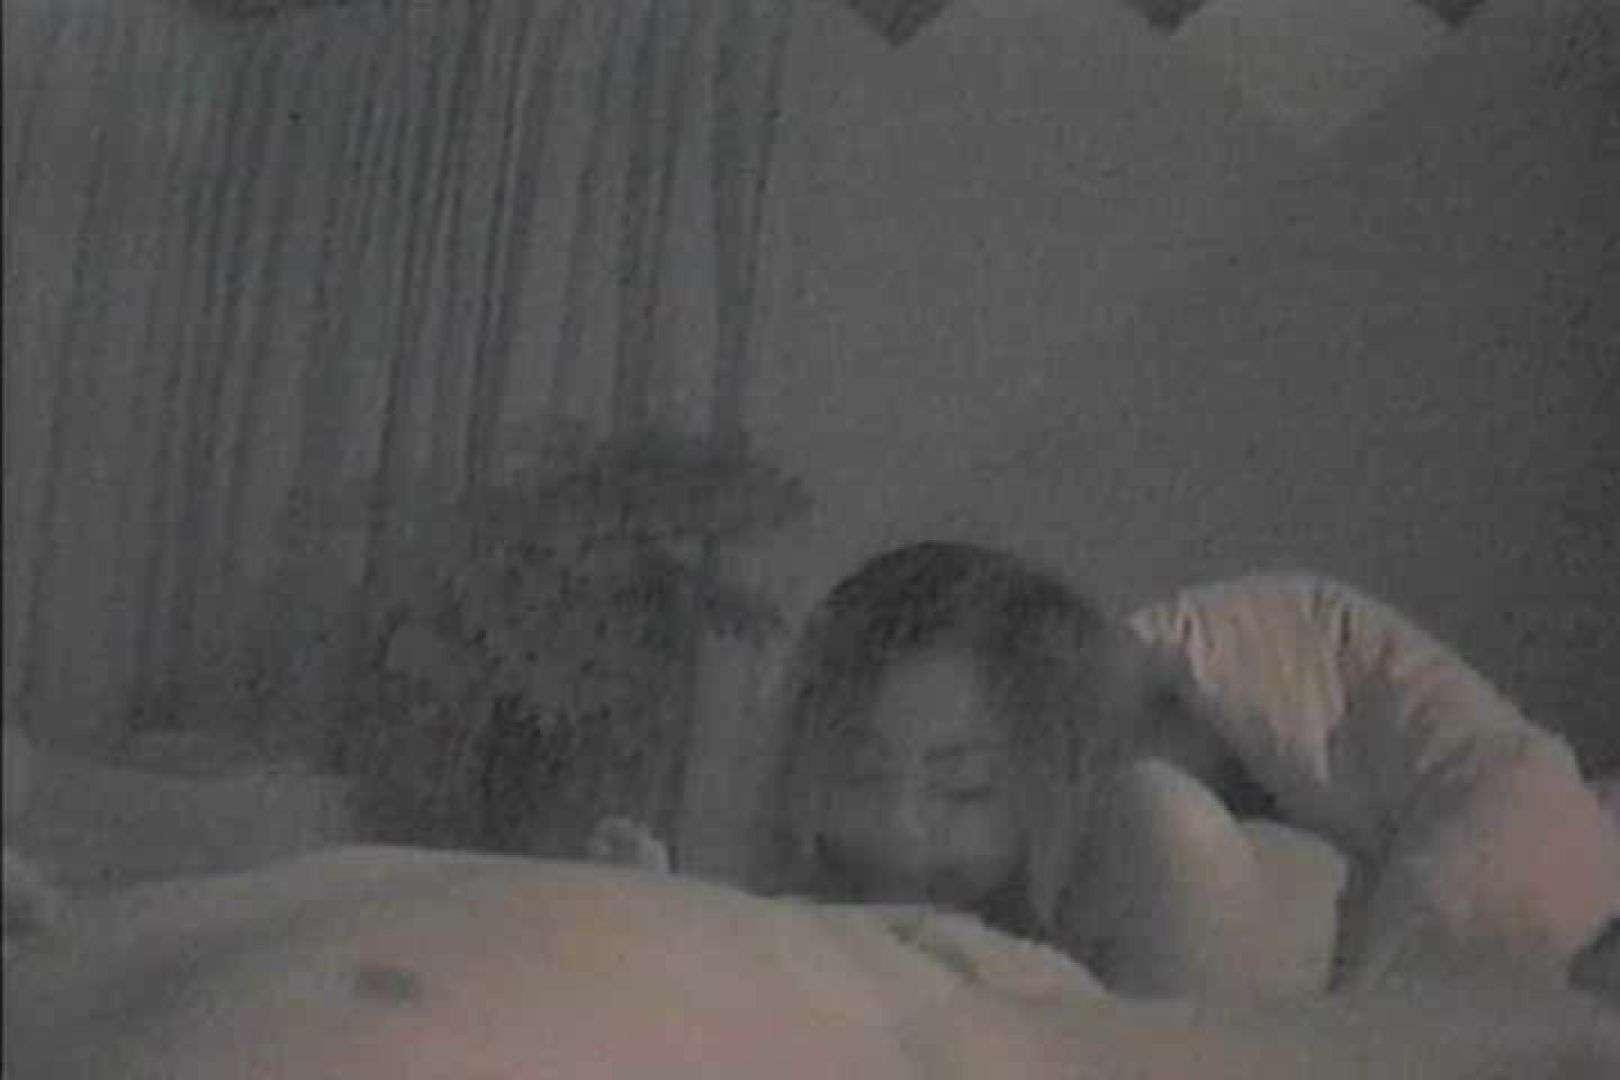 素人嬢をホテルに連れ込みアンナ事・コンナ事!?Vol.3 美女OL アダルト動画キャプチャ 94連発 6